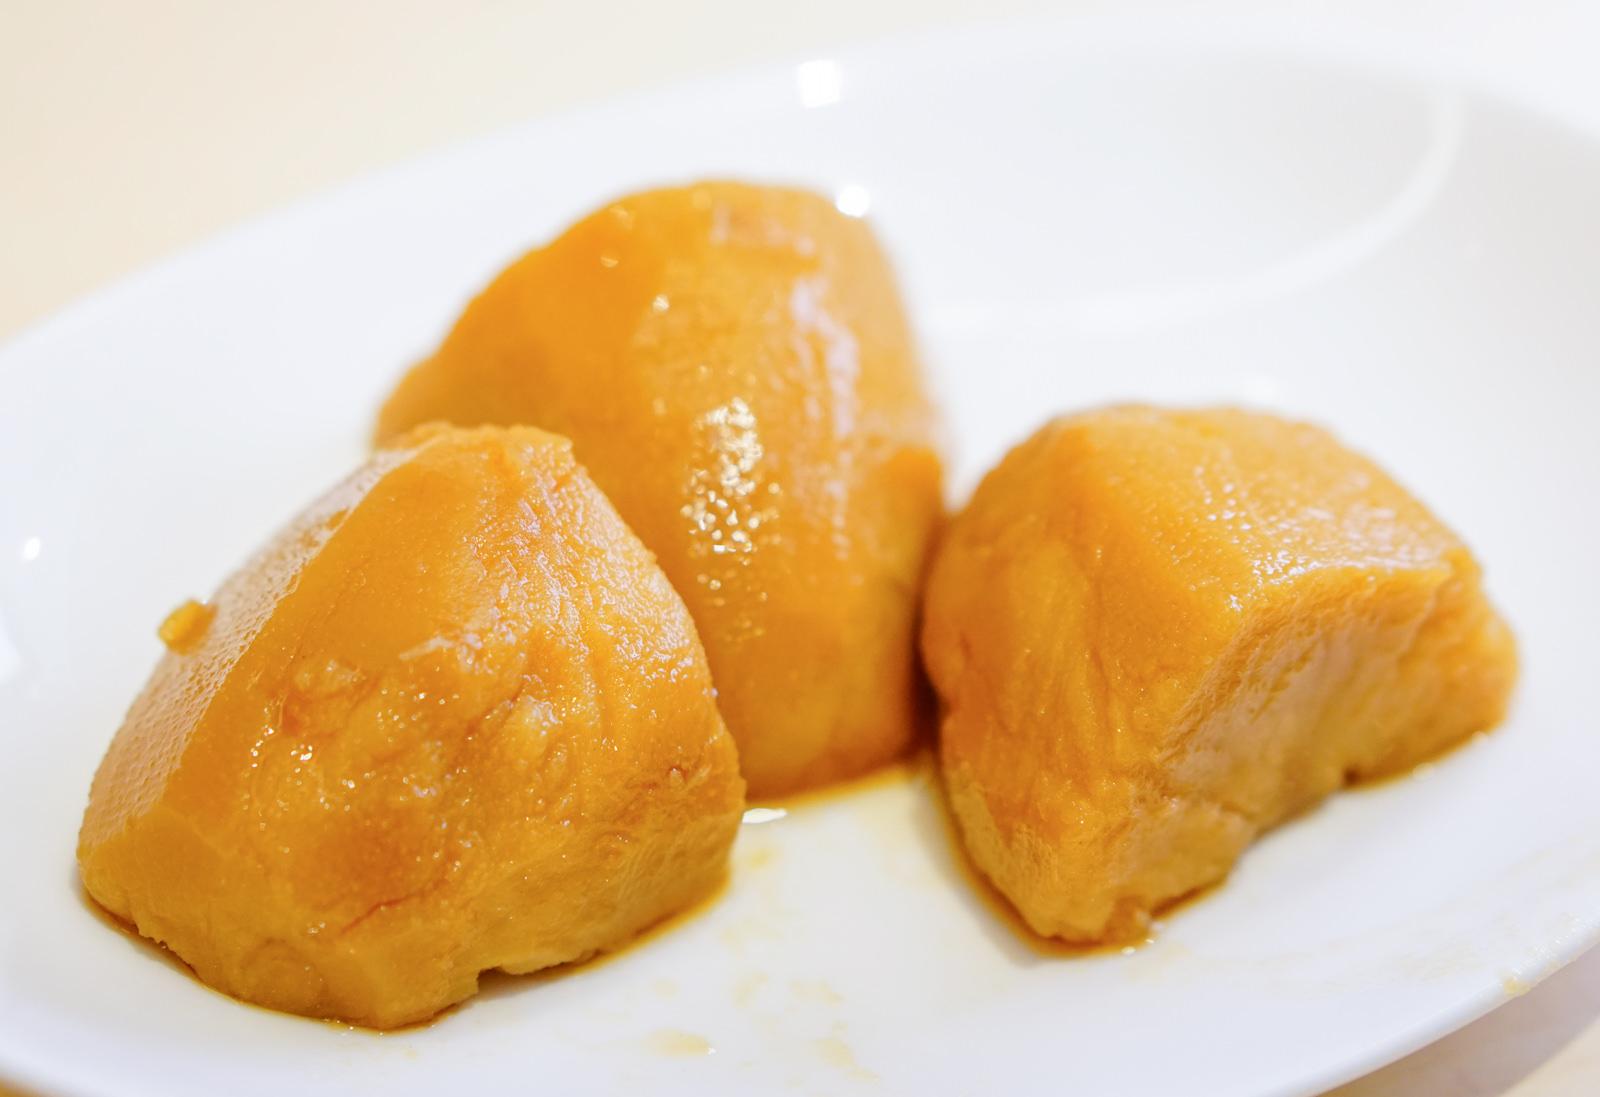 [高雄]清川拉麵-濃醇不油膩豚骨拉麵 青醬湯頭好特別! 高雄日式拉麵推薦 @美食好芃友